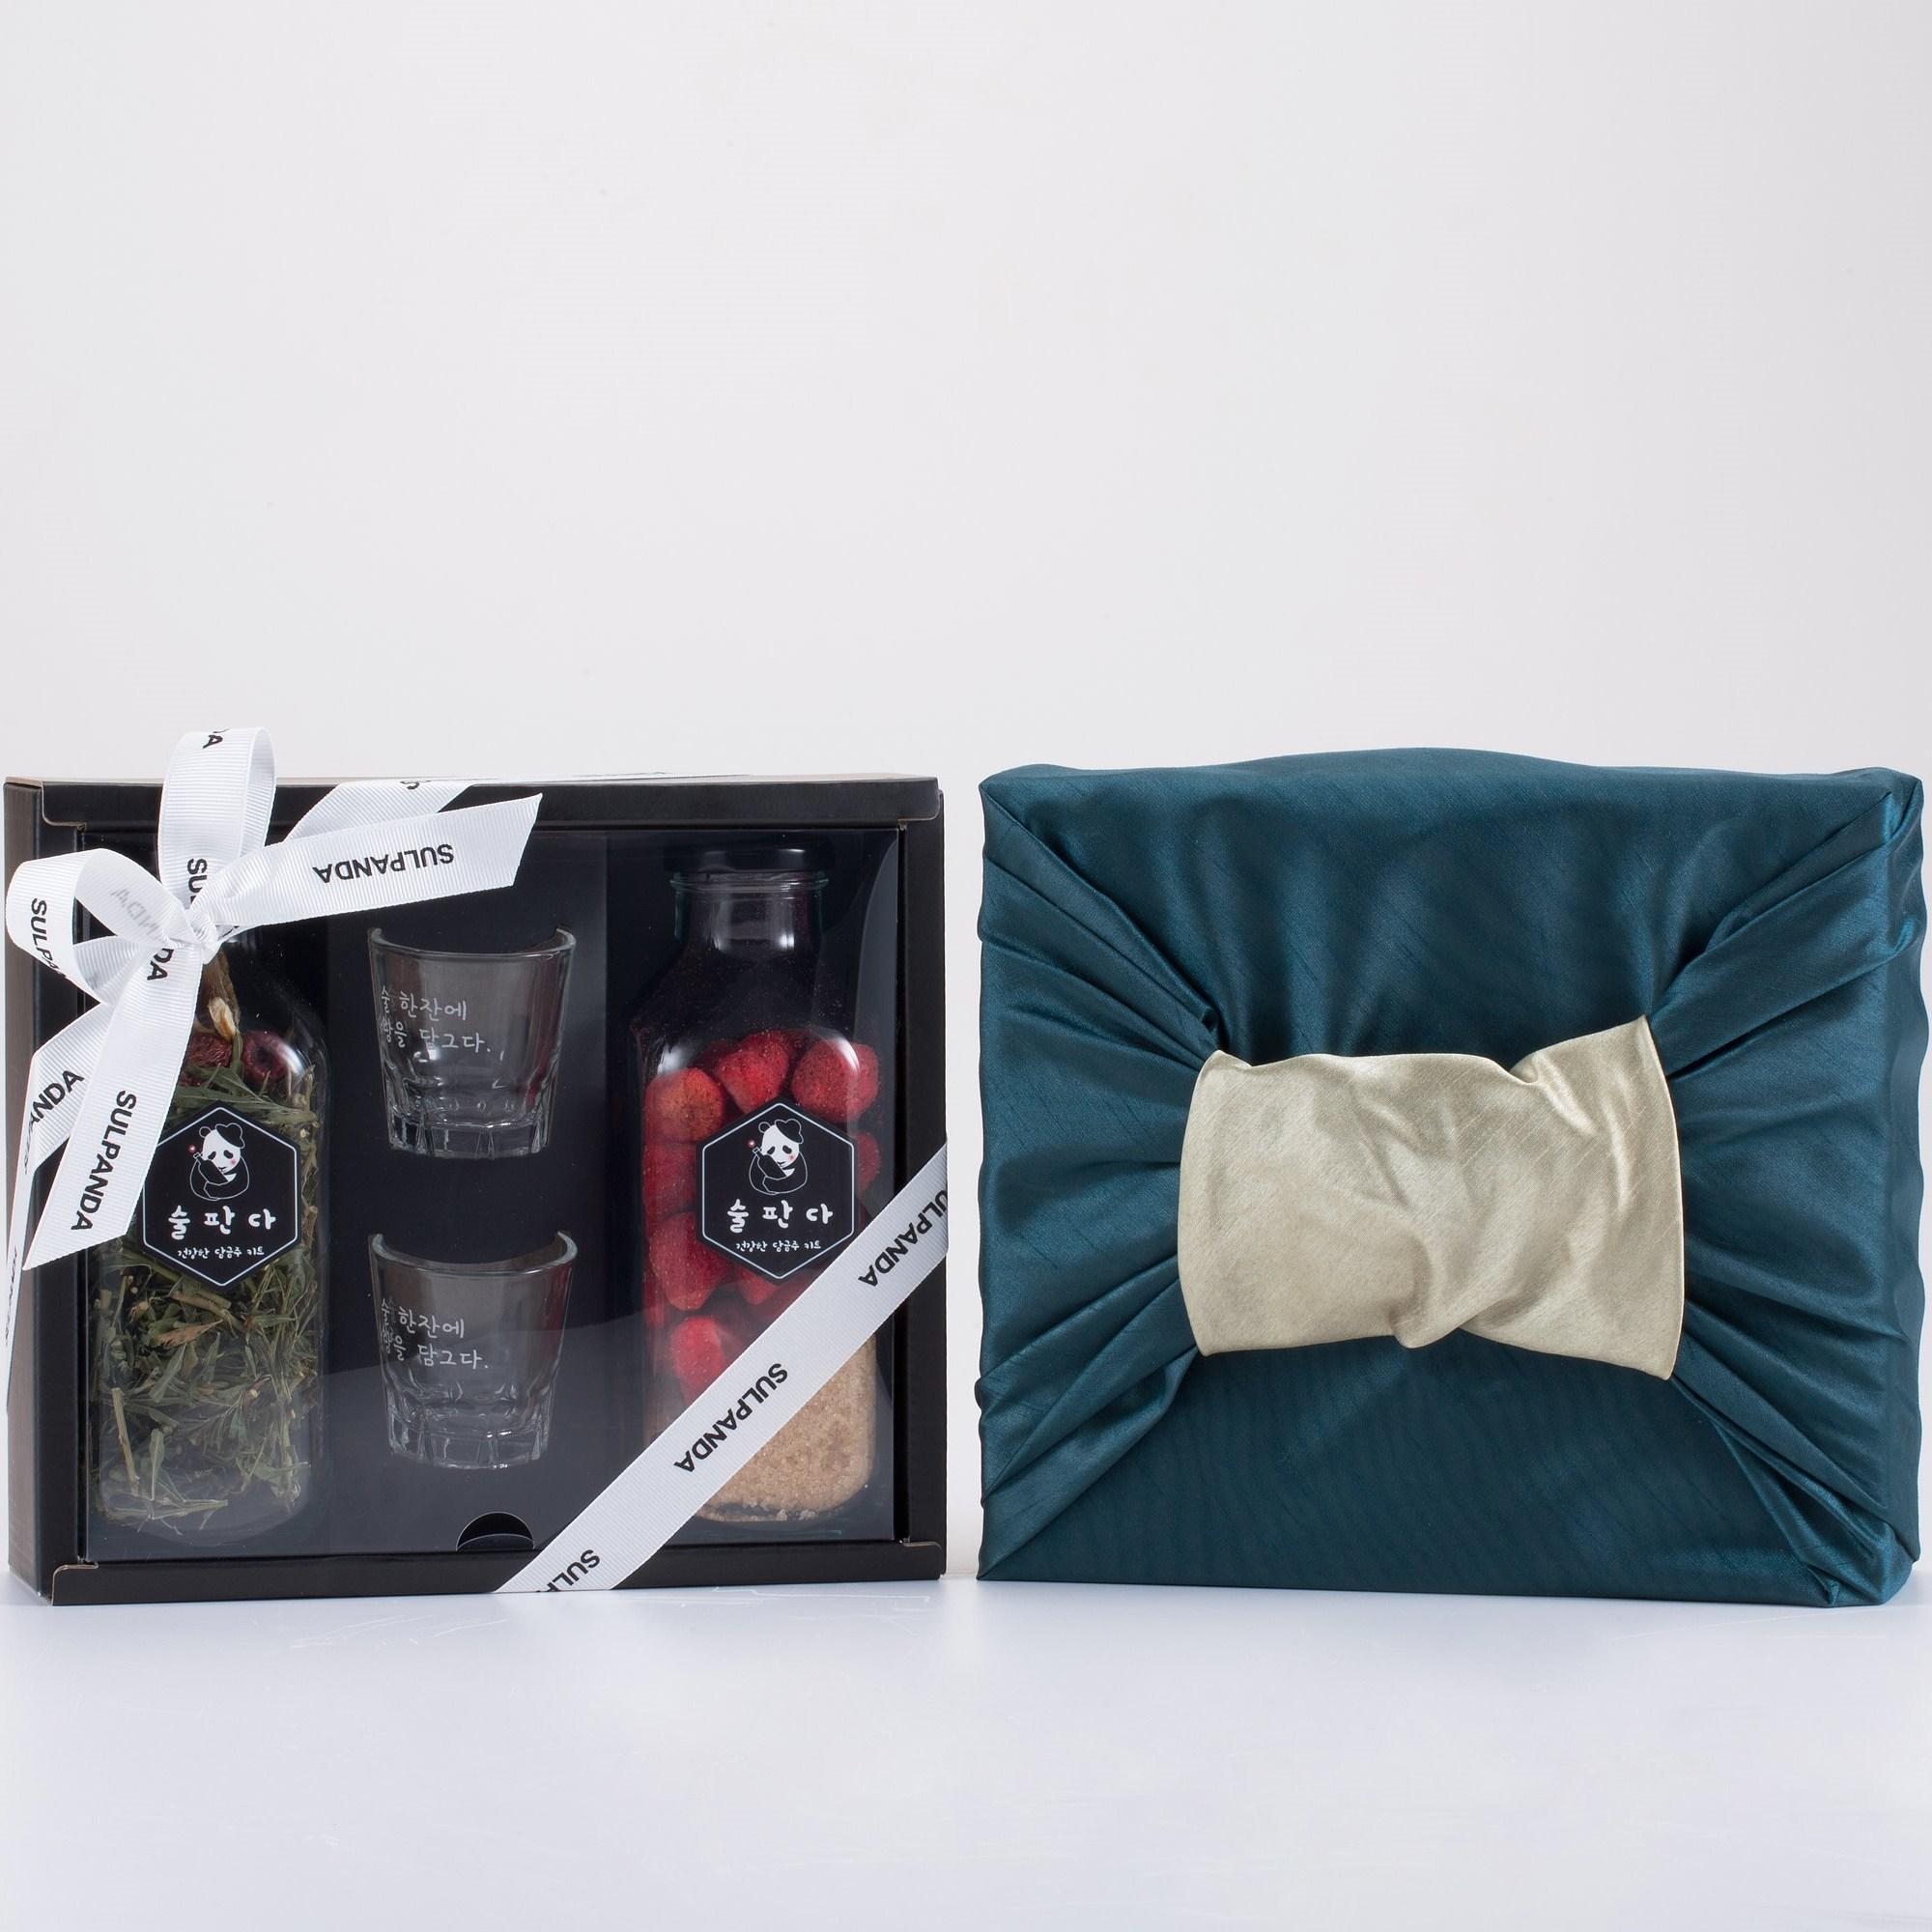 술판다 담금주 키트 2구 잔세트 (500ml x 2), 2병, 야관문주+장미주